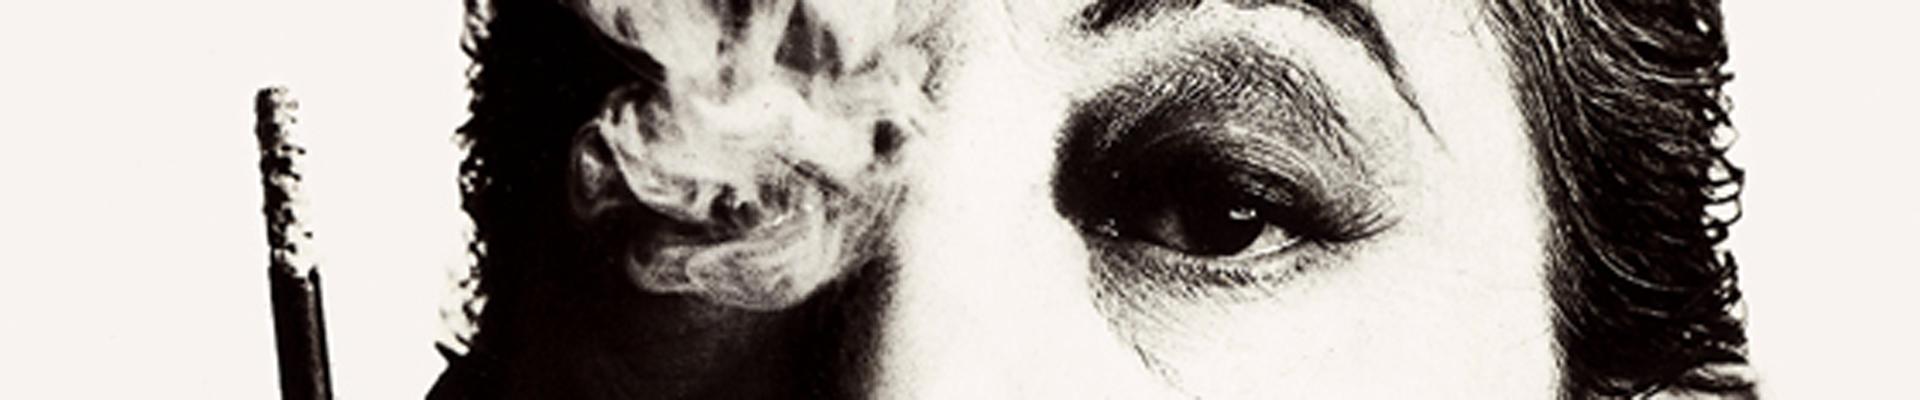 Header_Gainsbourg_5